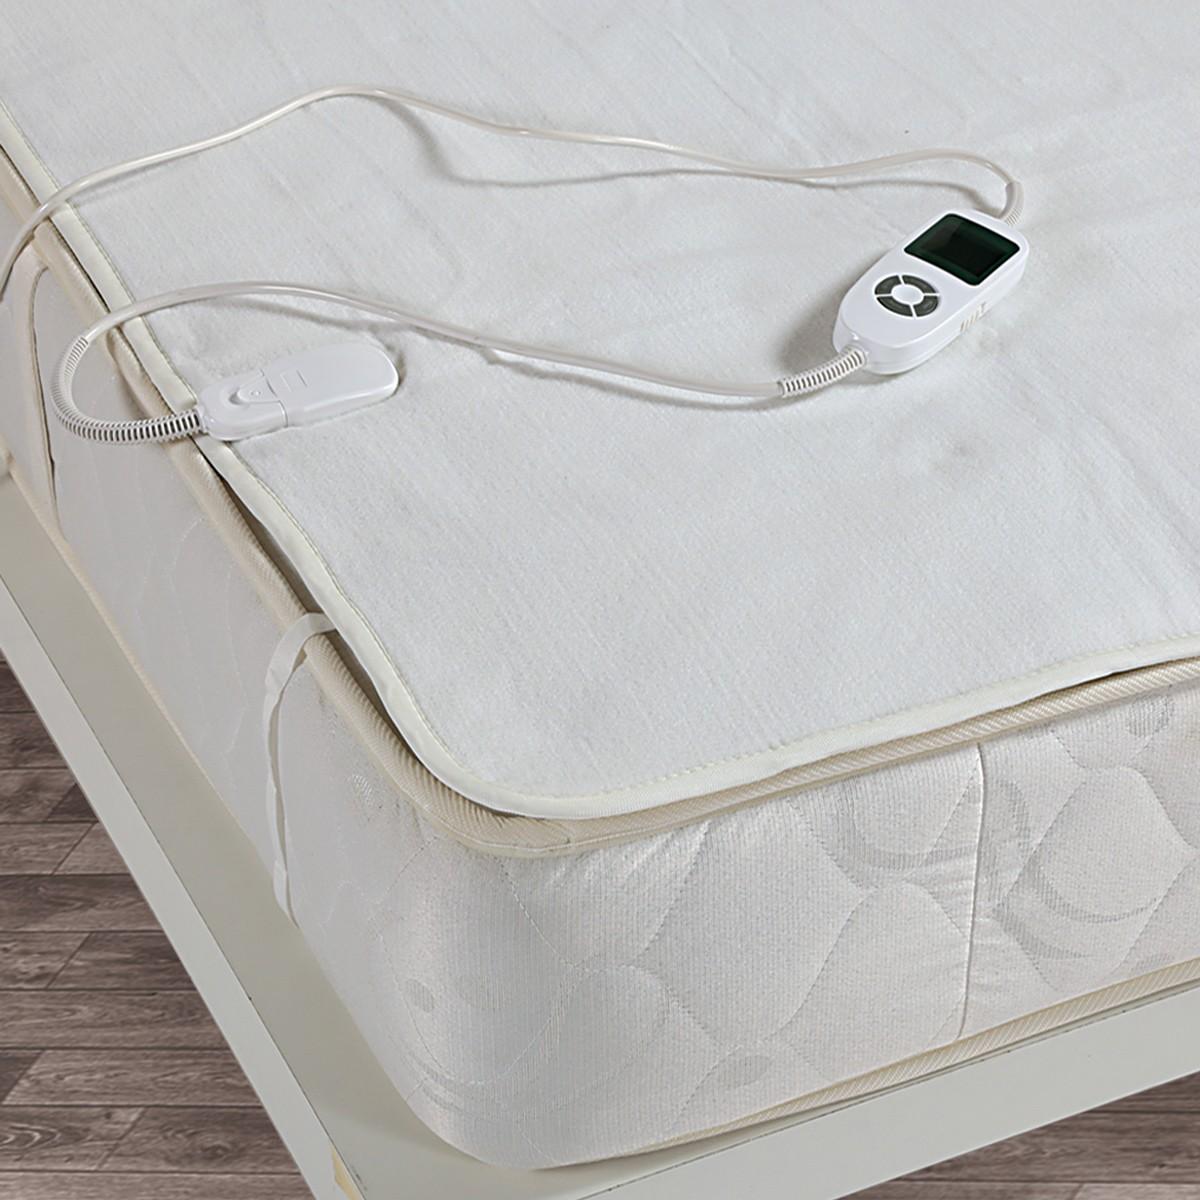 Κουβέρτα Ηλεκτρική Μονή Nef-Nef Feet & Body